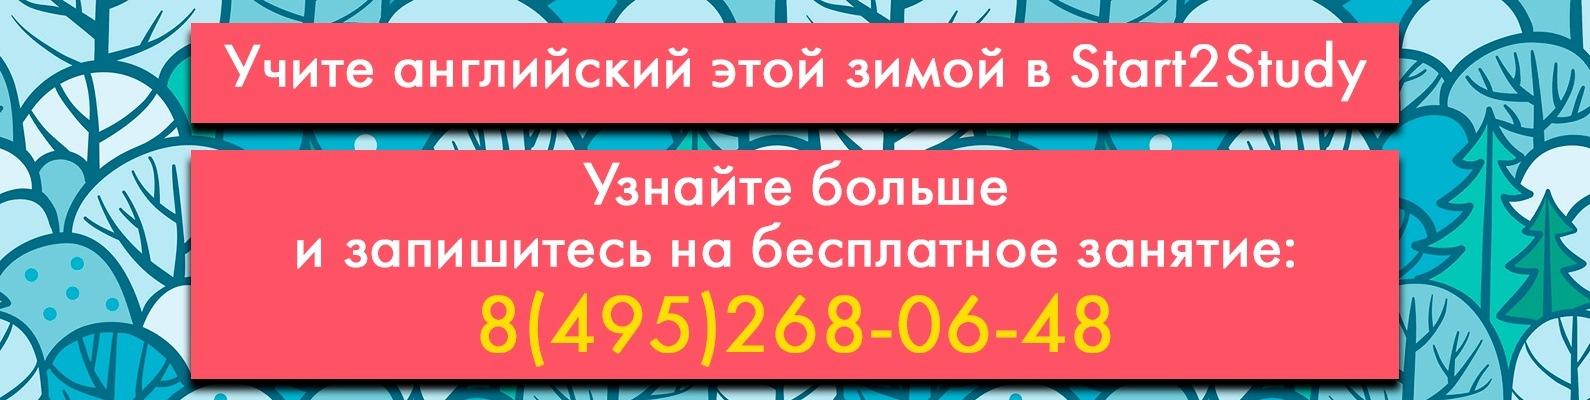 Оформление медицинской книжки в Москве Южнопортовый цена метро трубная